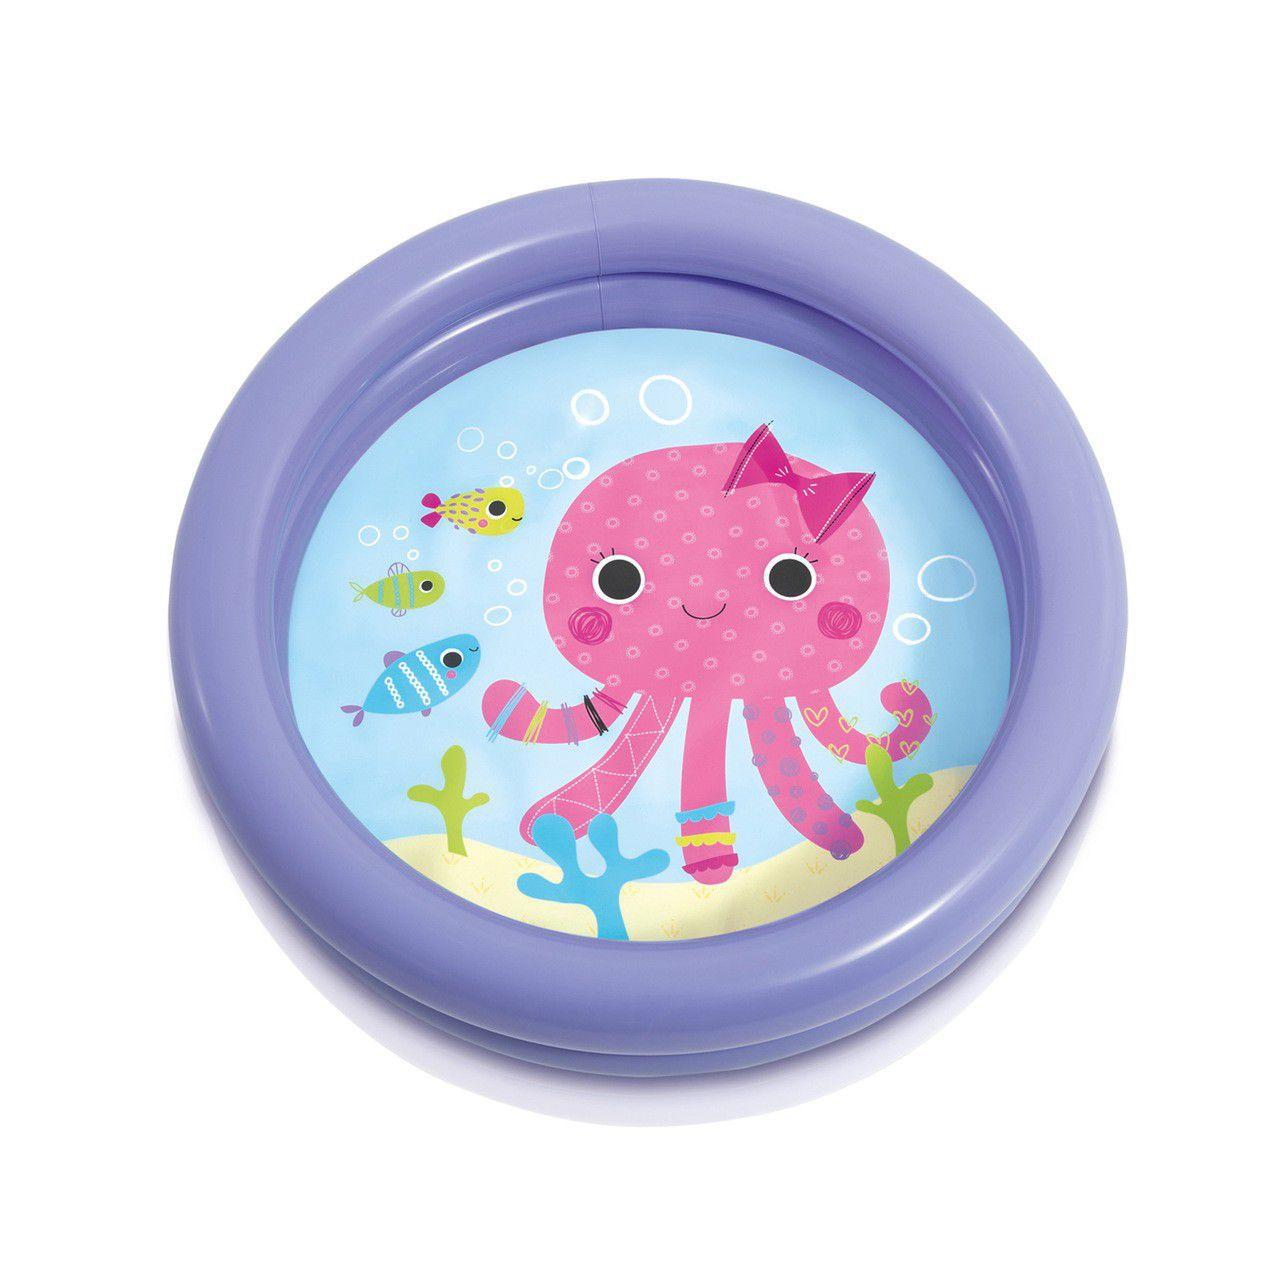 Piscina banheira infantil Intex 61cm x 15cm 17 litros Polvo com borda roxa até 3 anos